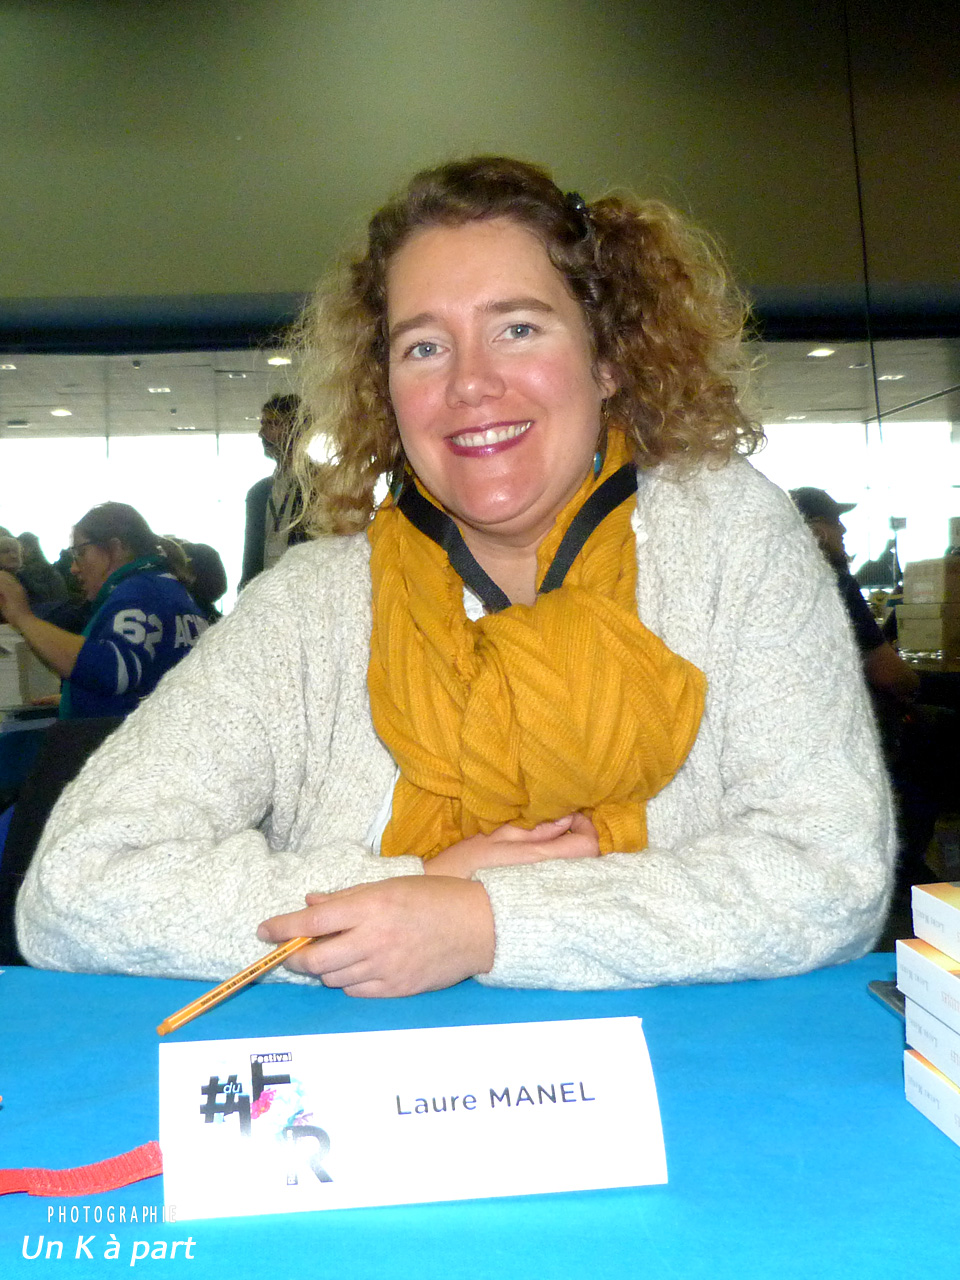 Festival du livre romantique Laure Manel